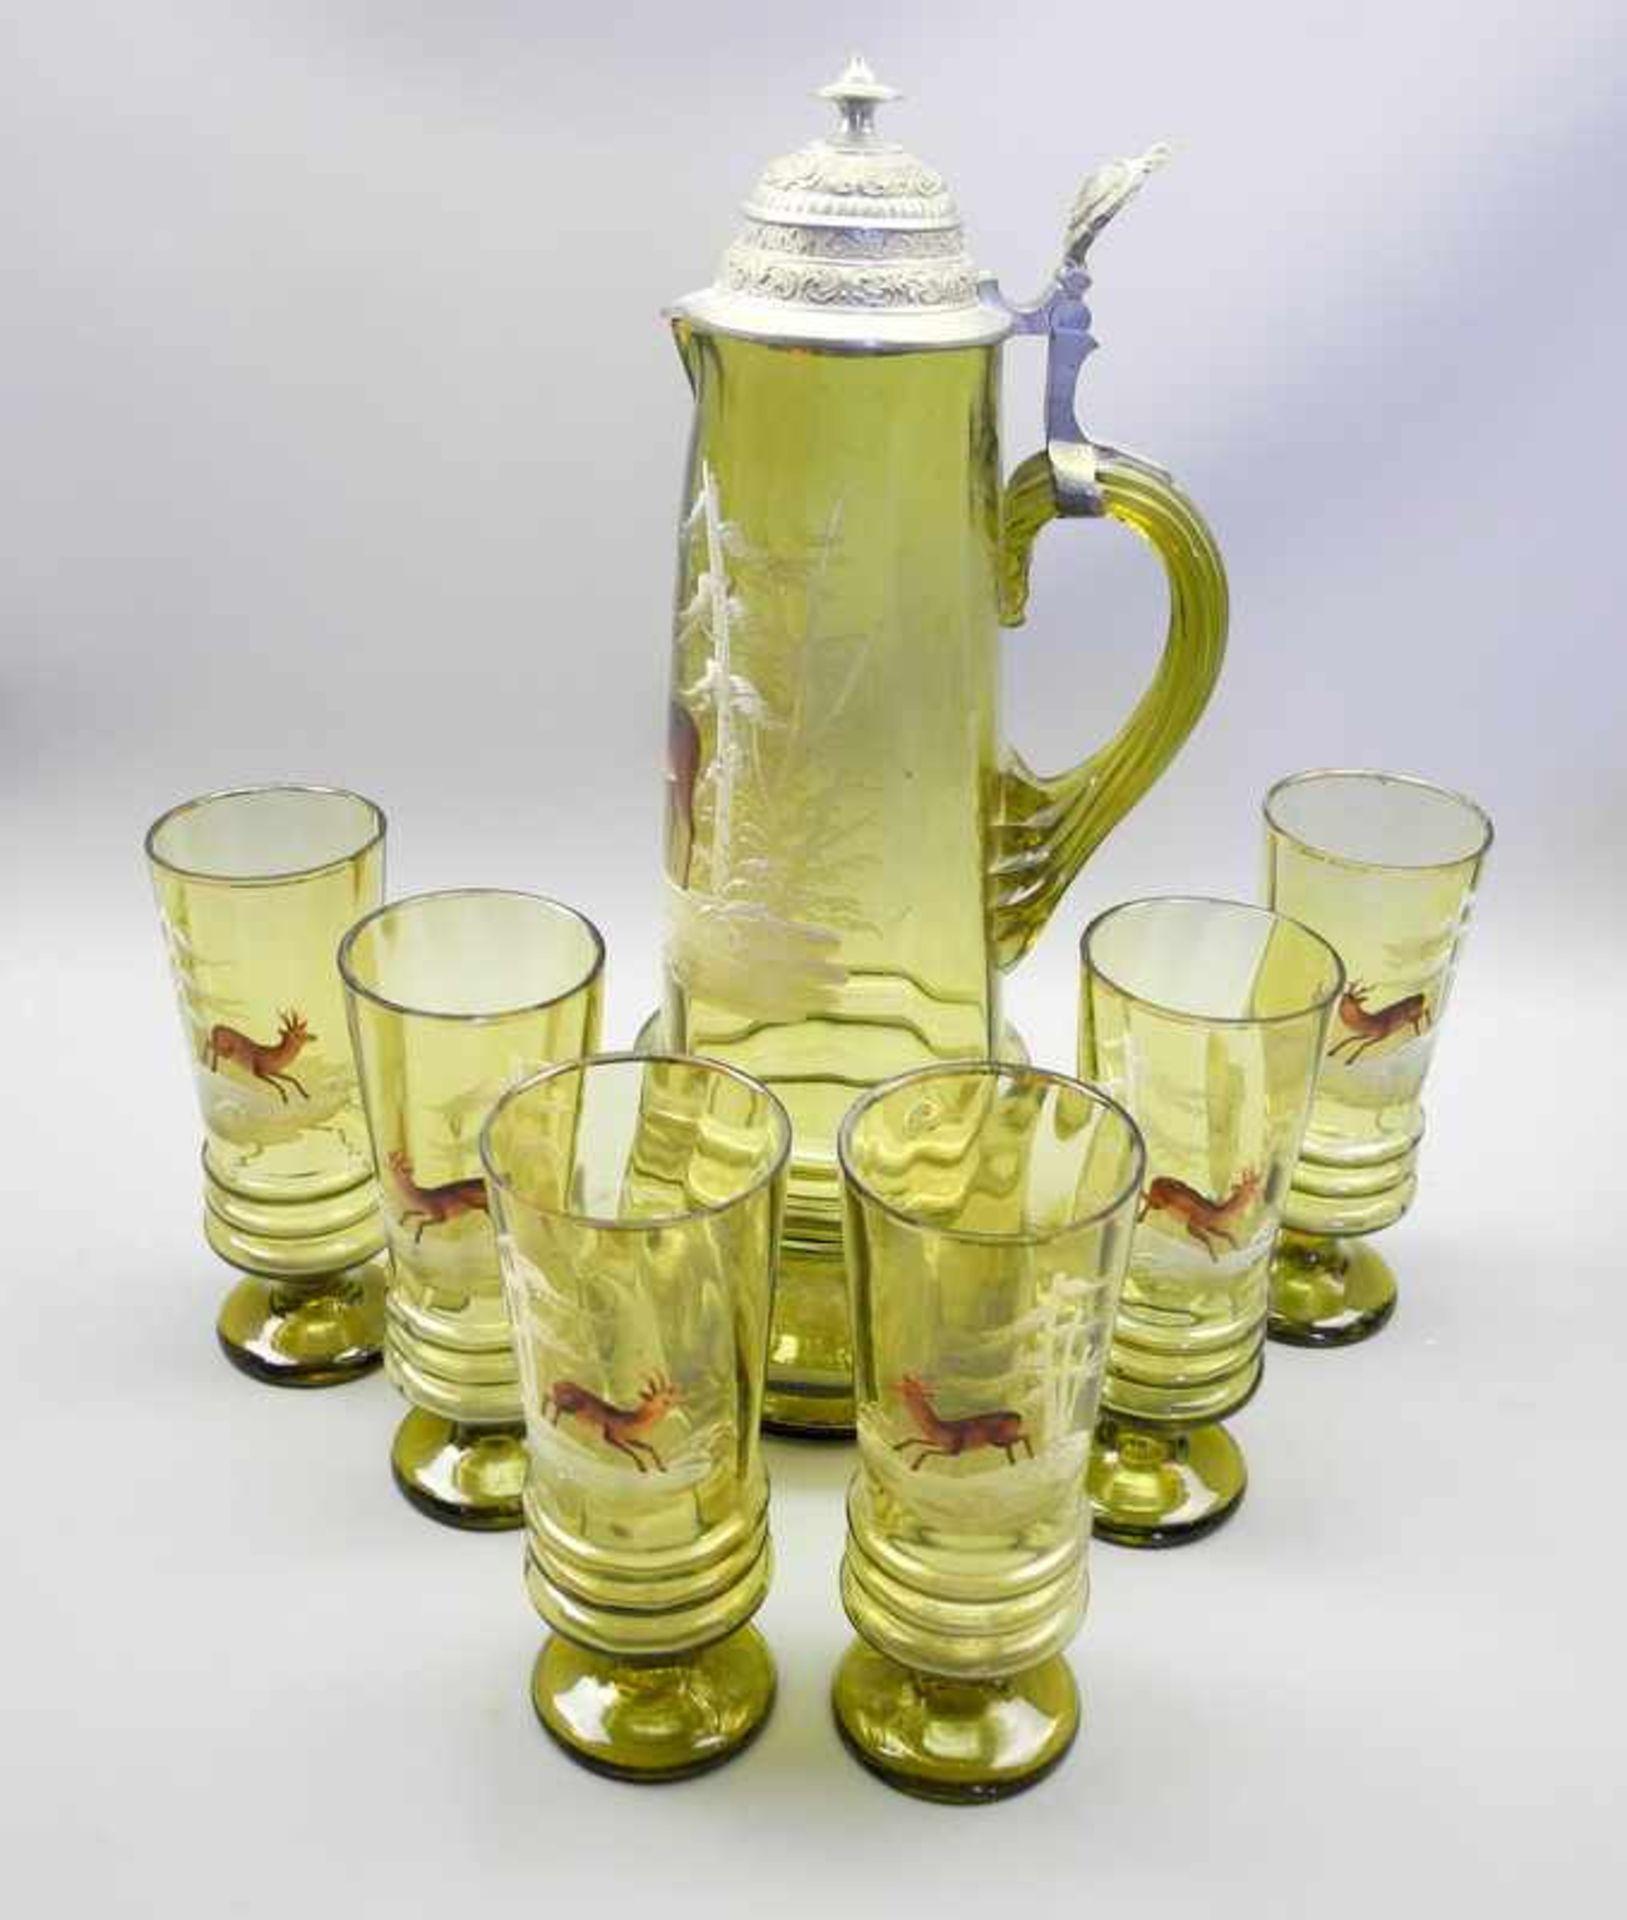 Sammlerkanne mit 6 Gläsern im JagdmotivGrünglas geschliffen, Kanne mit Zinnmontur. Set bestehend aus